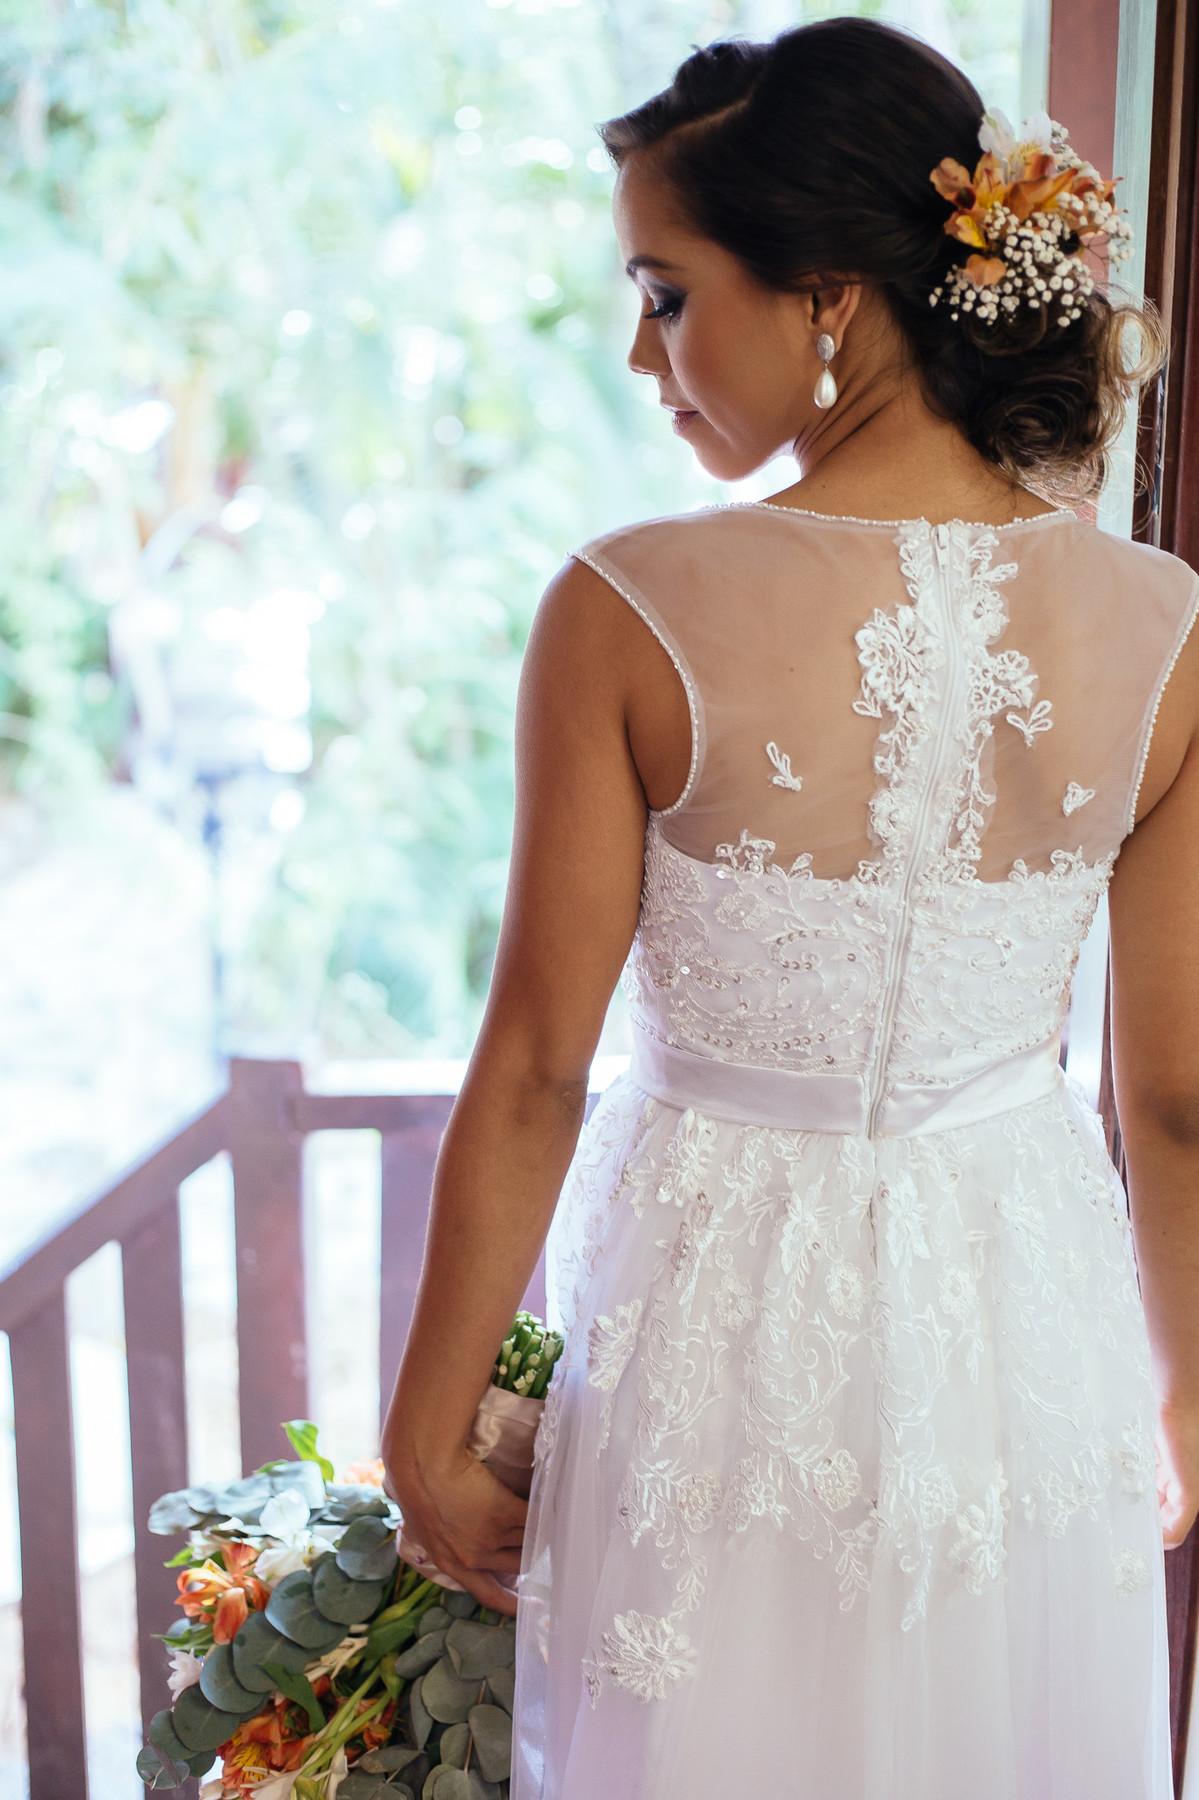 jaqueline melo fotografo de casamento em brasilia, fotografia de casamento em brasilia, decoração de casamento miss rocha, espaço florativa, casamento de dia, casamento rustico, vestido de noiva